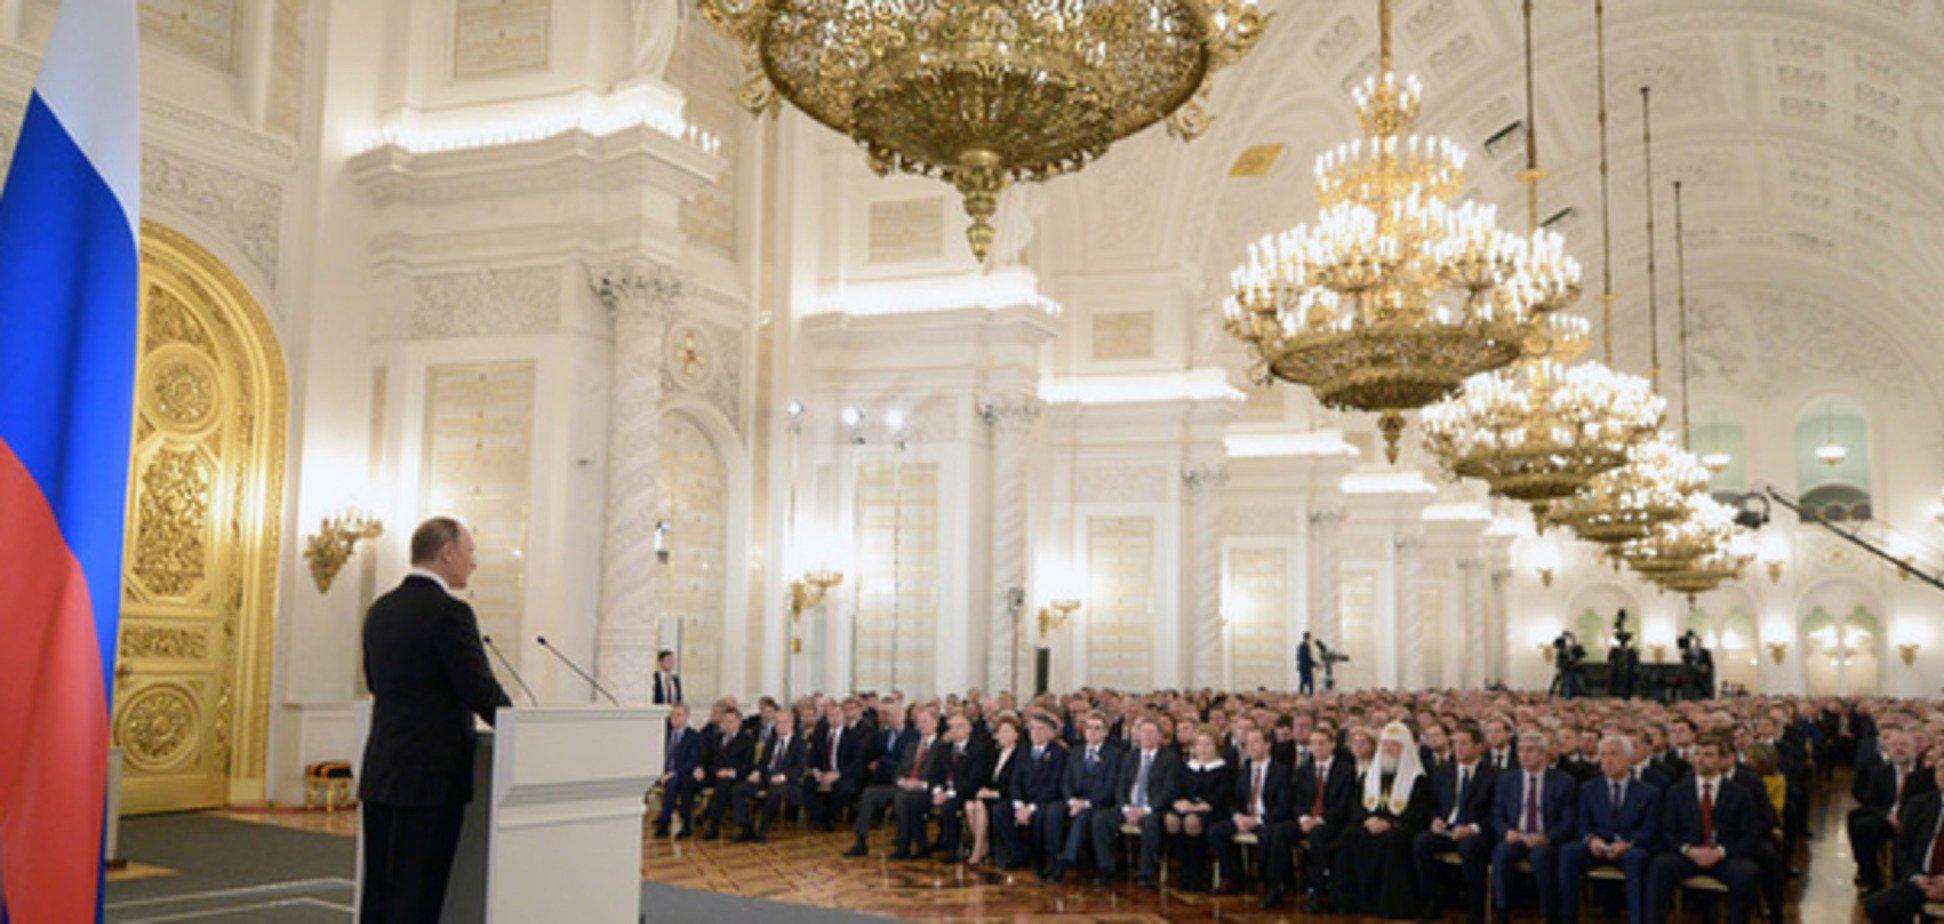 Портников про послання Путіна: ні слова про Україну, але це тільки на перший погляд